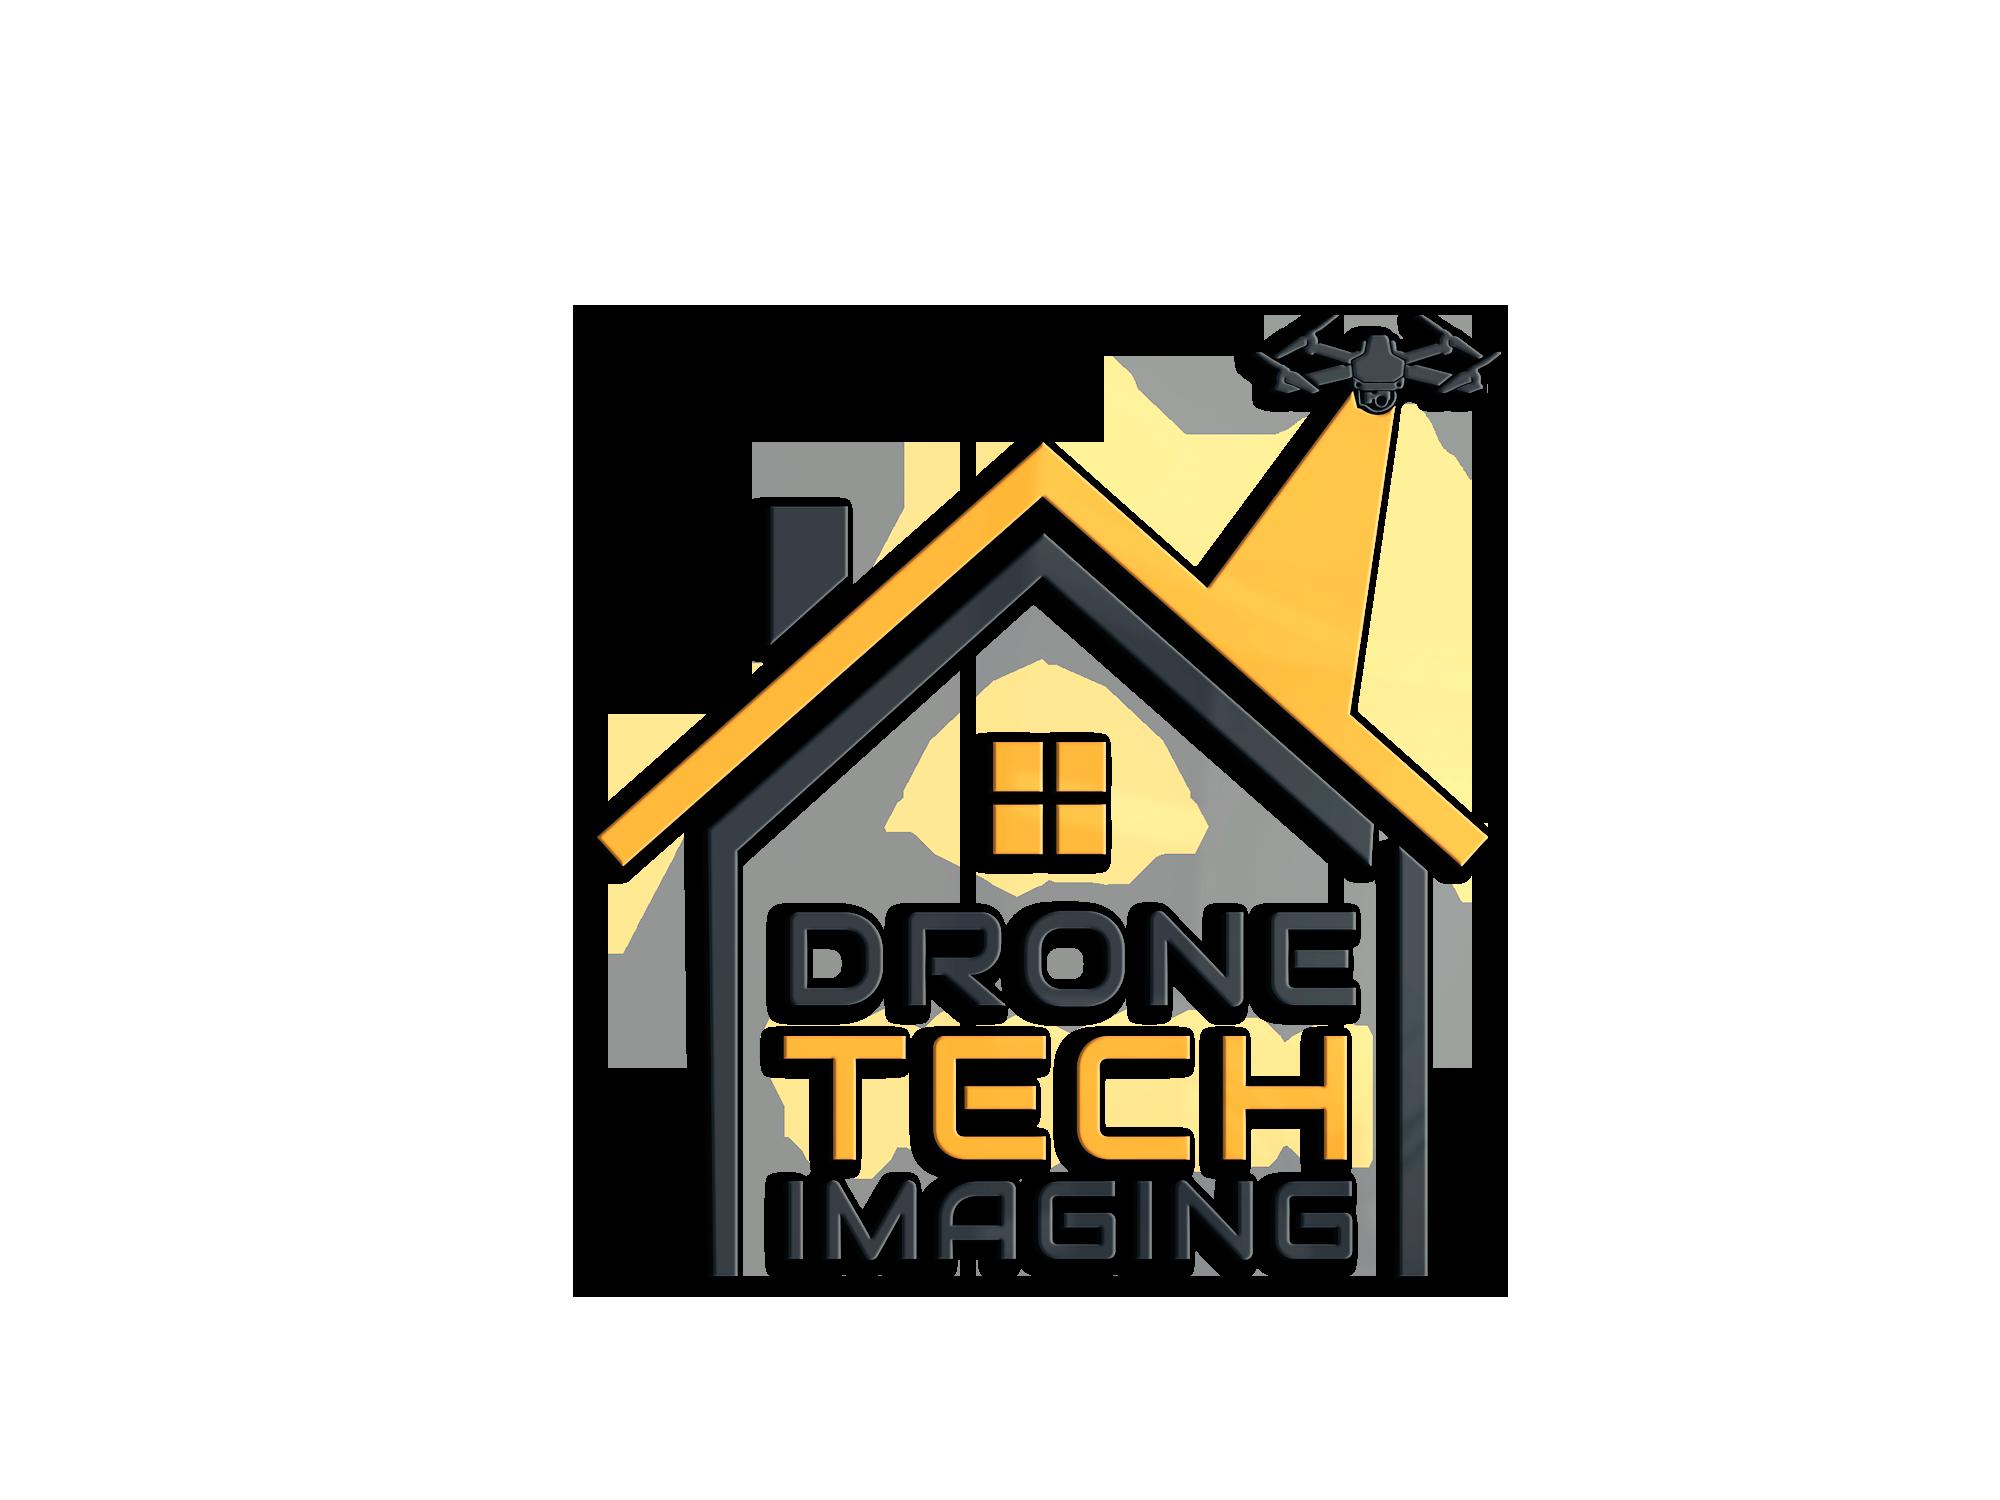 Drone Tech Imaging